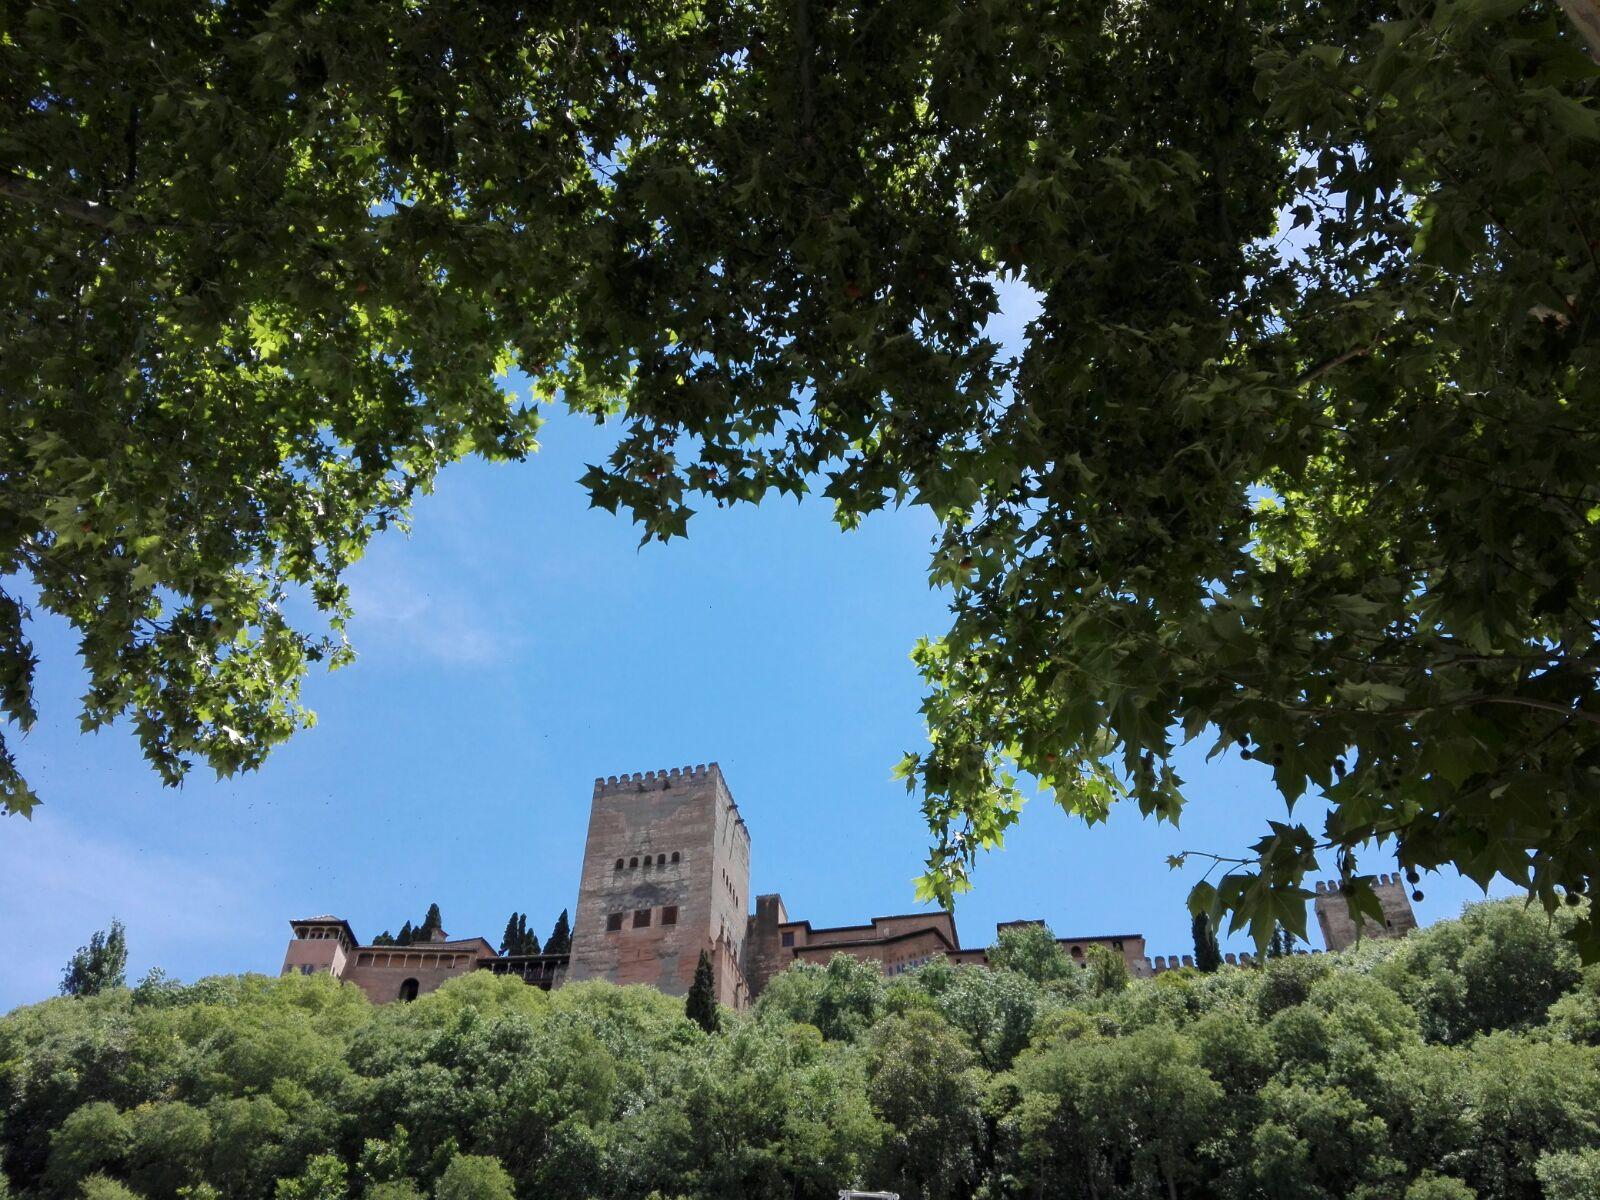 Vistas de la Alhambra desde el Albayzín. Alhambra y Albayzín